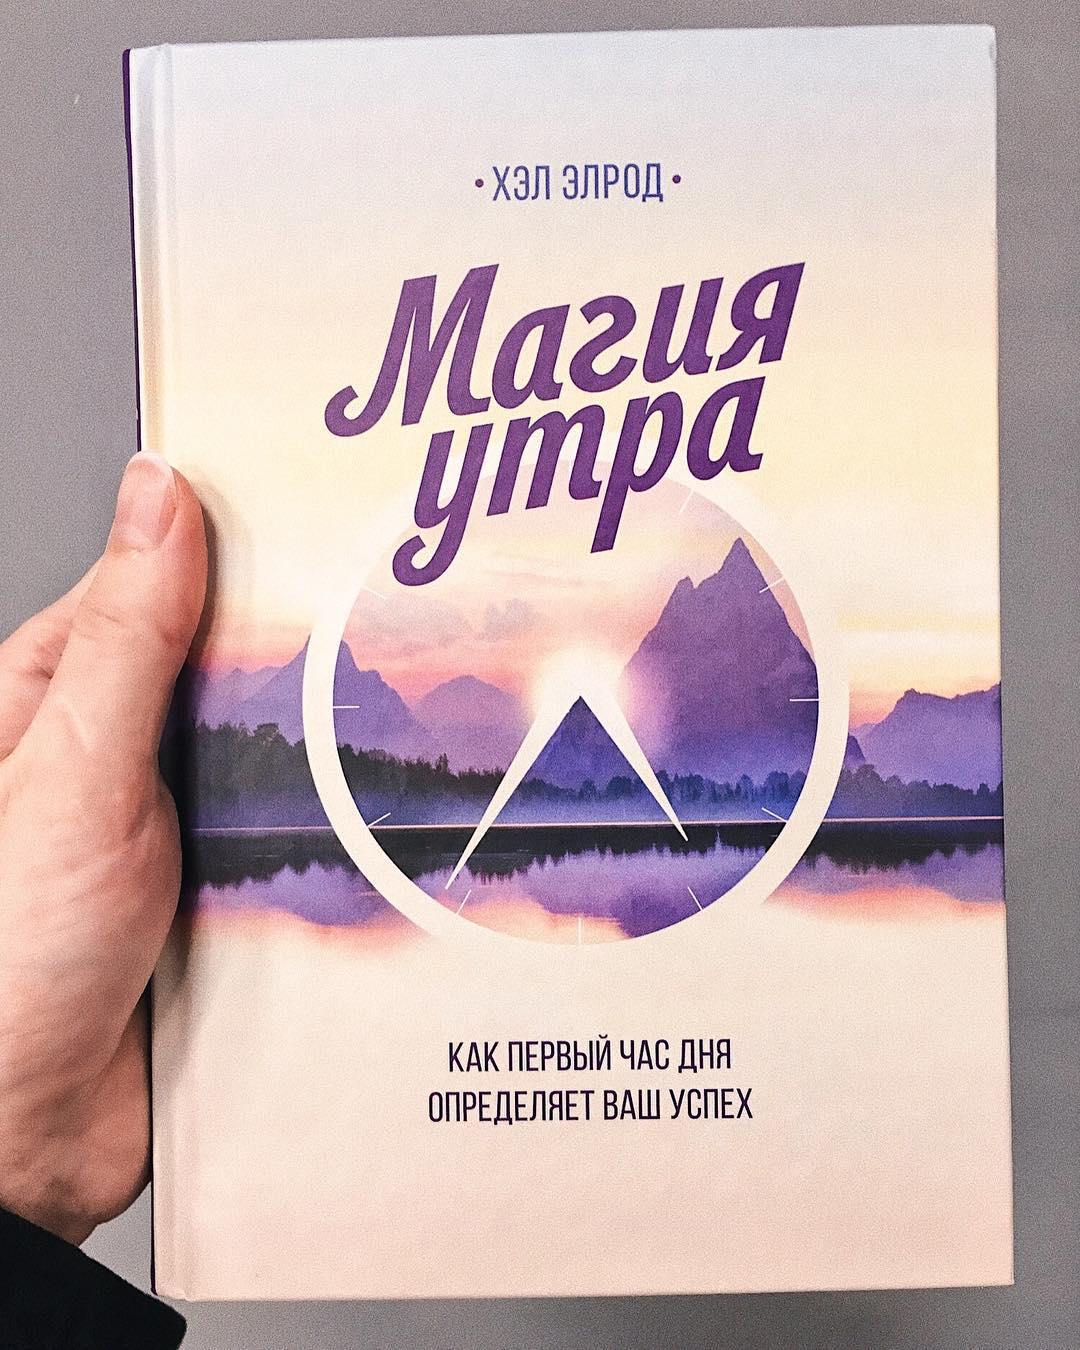 Книга Магия утра, Ксения Волкова блог